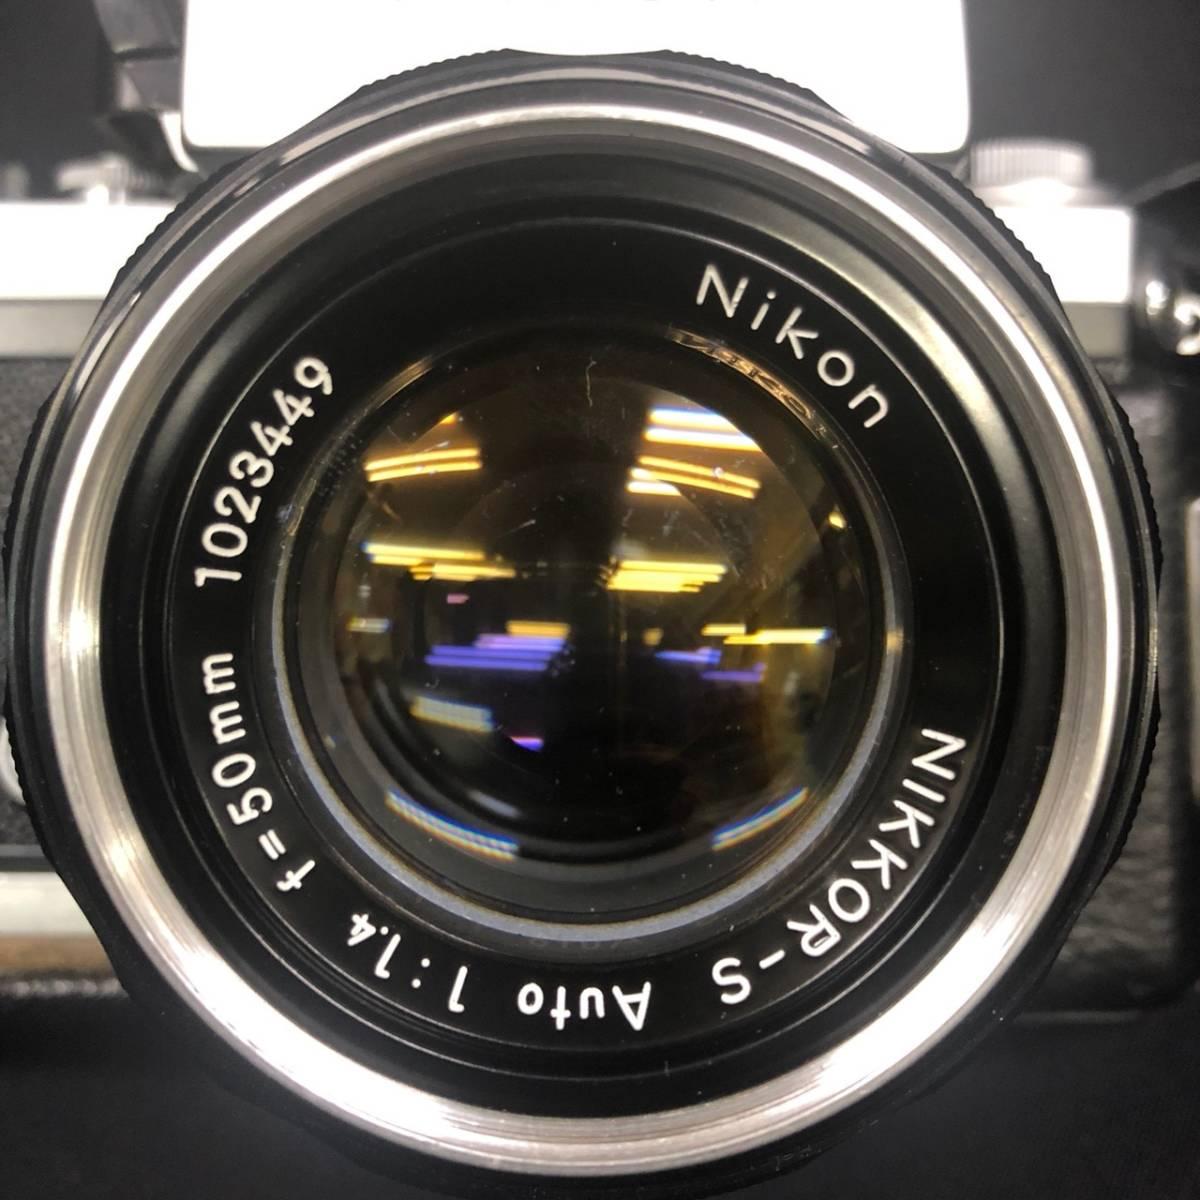 C20A01A Nikon F ニコン 一眼レフ カメラ レンズ 1:1.4 50mm ファインダー フォトミックファインダー _画像3